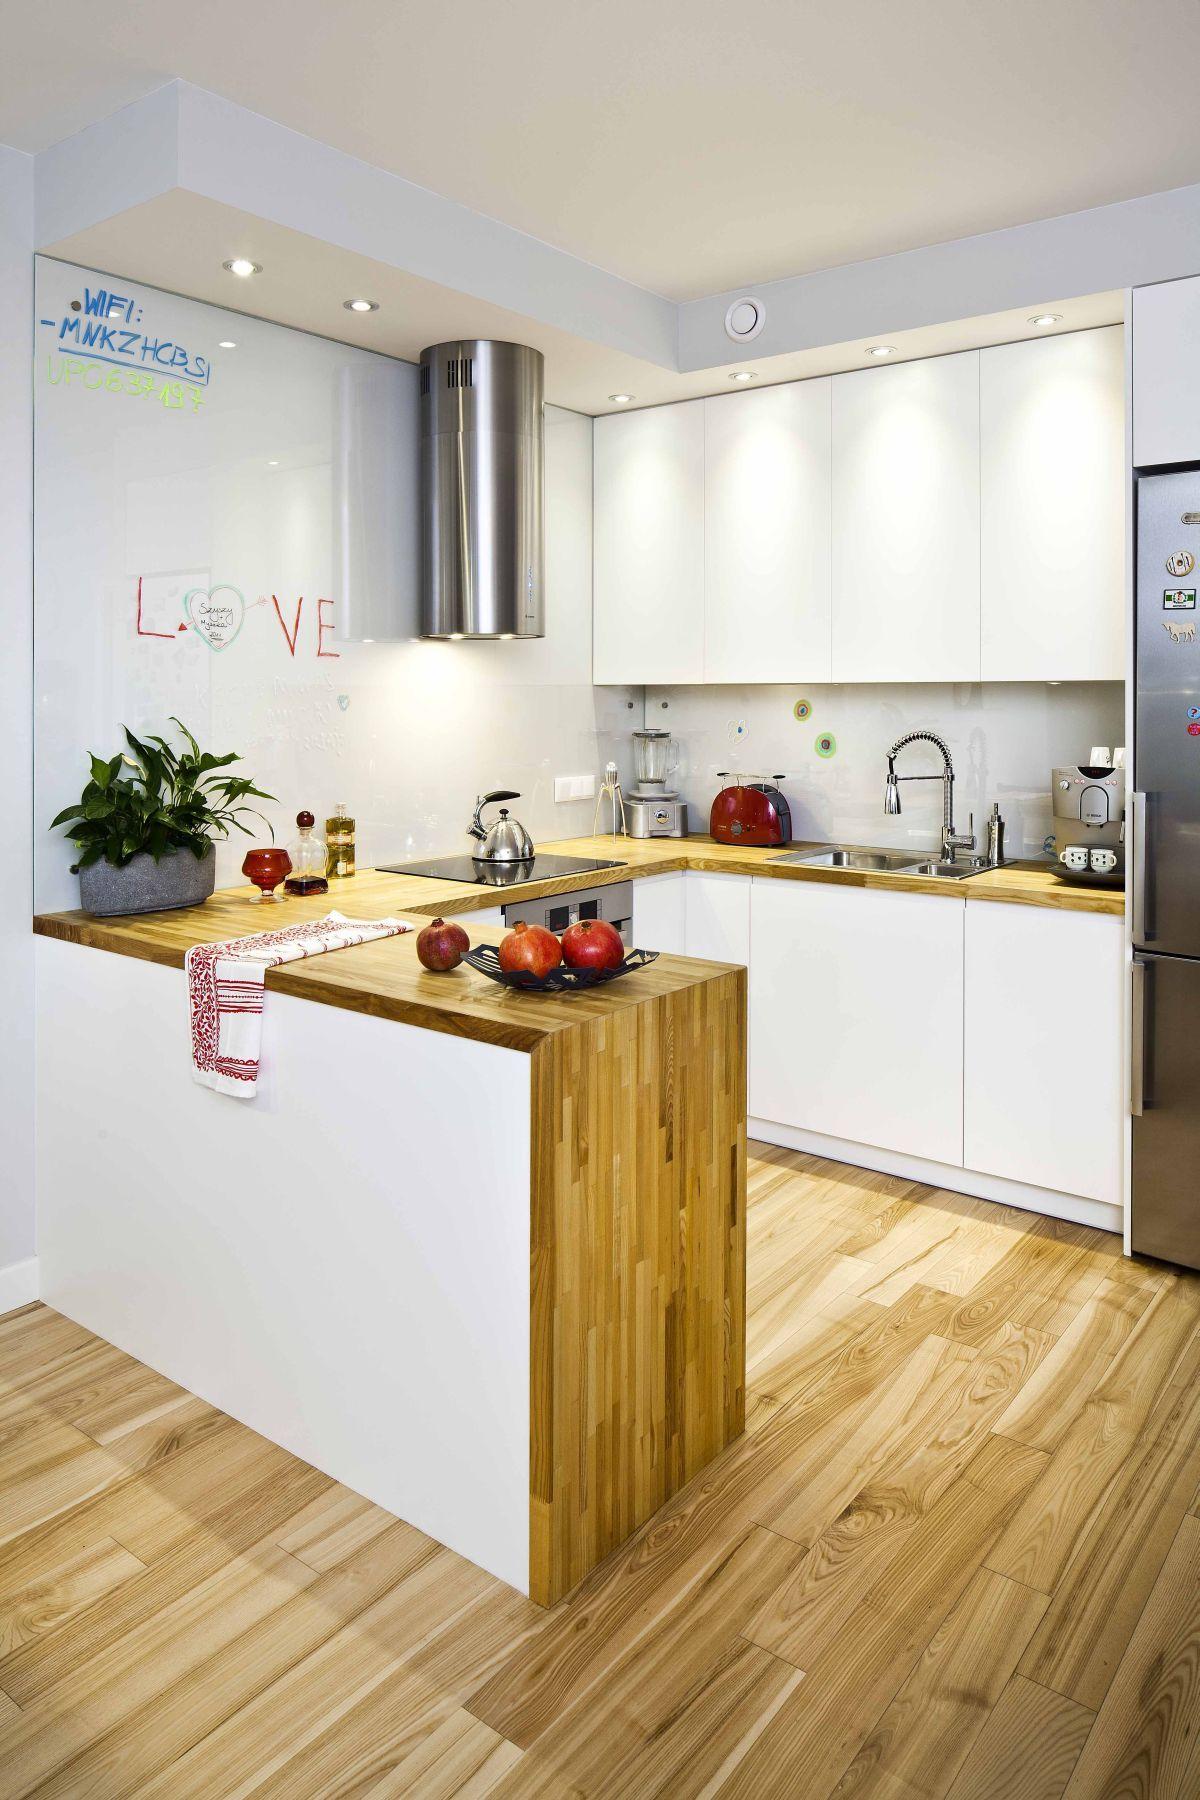 Ekologiczna Kuchnia W Drewnie Urzeka Naturalnym Charakterem Jesli Nie Przepadamy Za Blyszczacymi Plytkami W Kuchni Kitchen Design Home Kitchens Small Kitchen